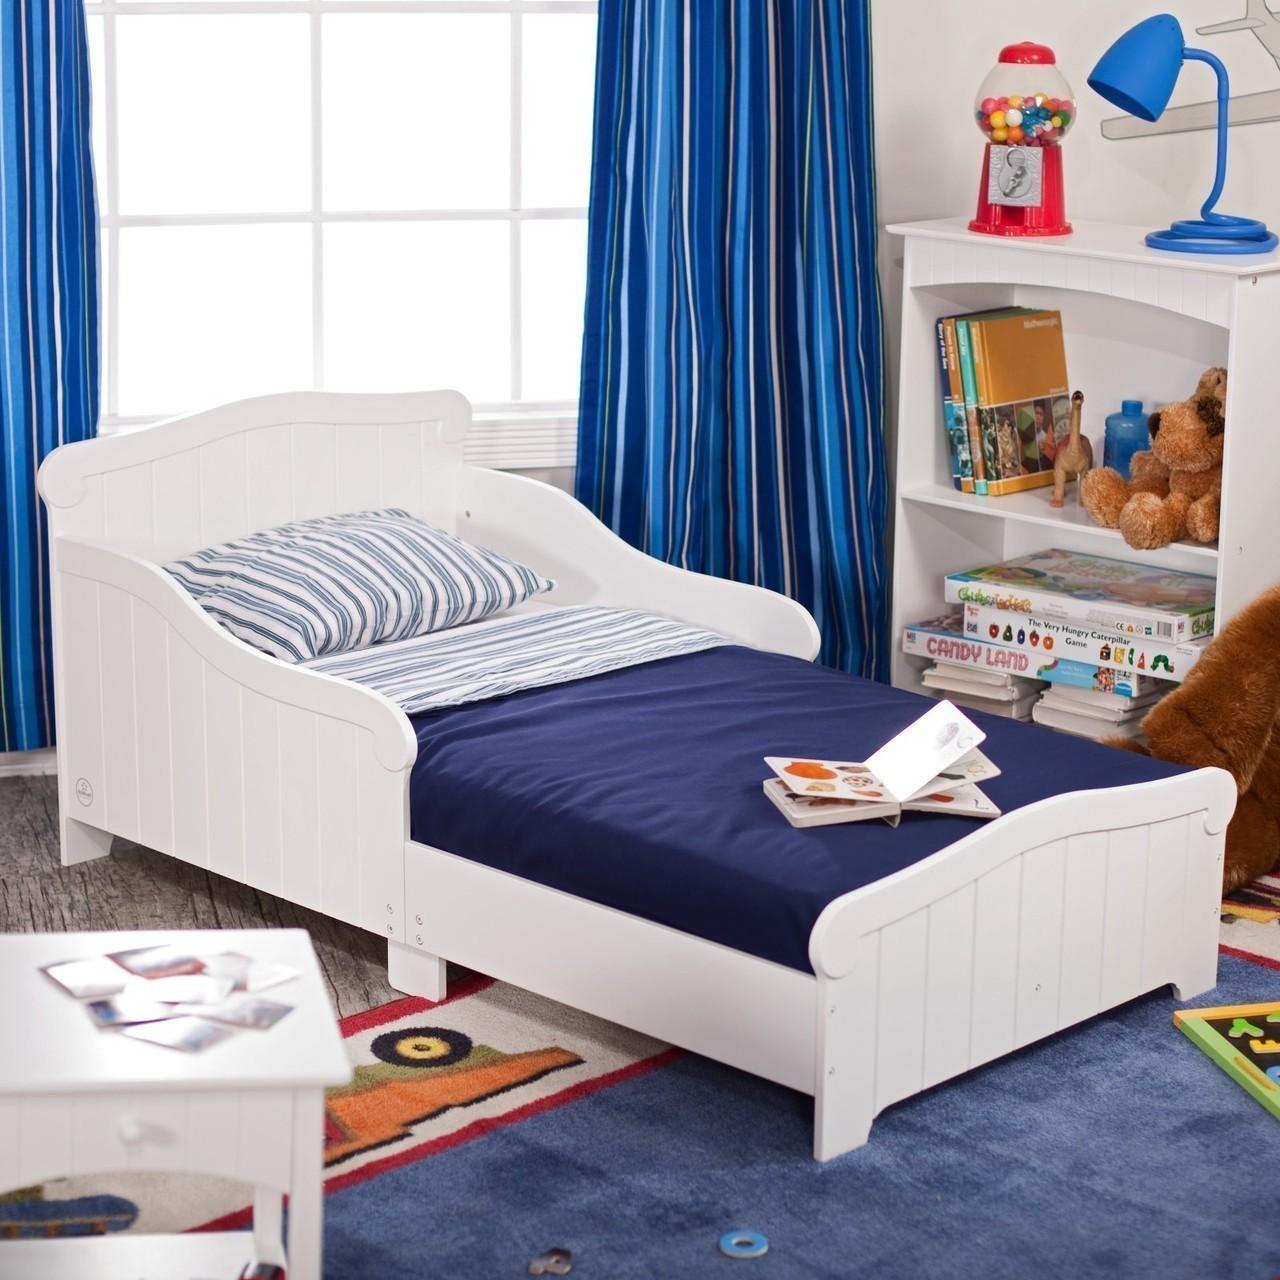 Подростковые кровати. Как правильно выбрать